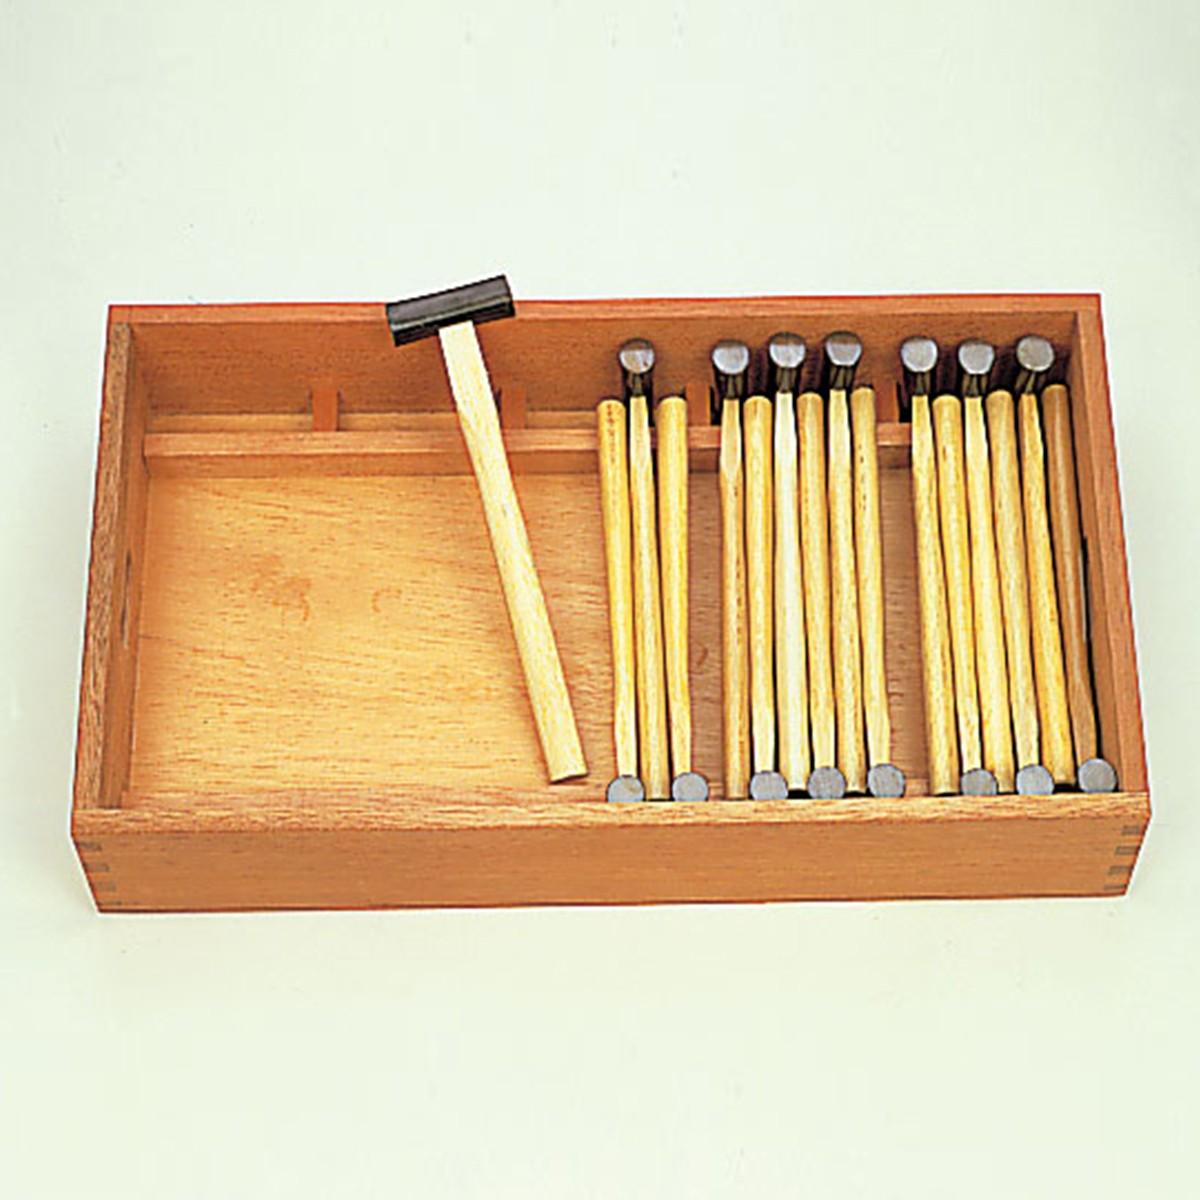 木工具整理箱 両口げんのう整理箱 【 木工 木彫 木工具 収納 整理 箱 】